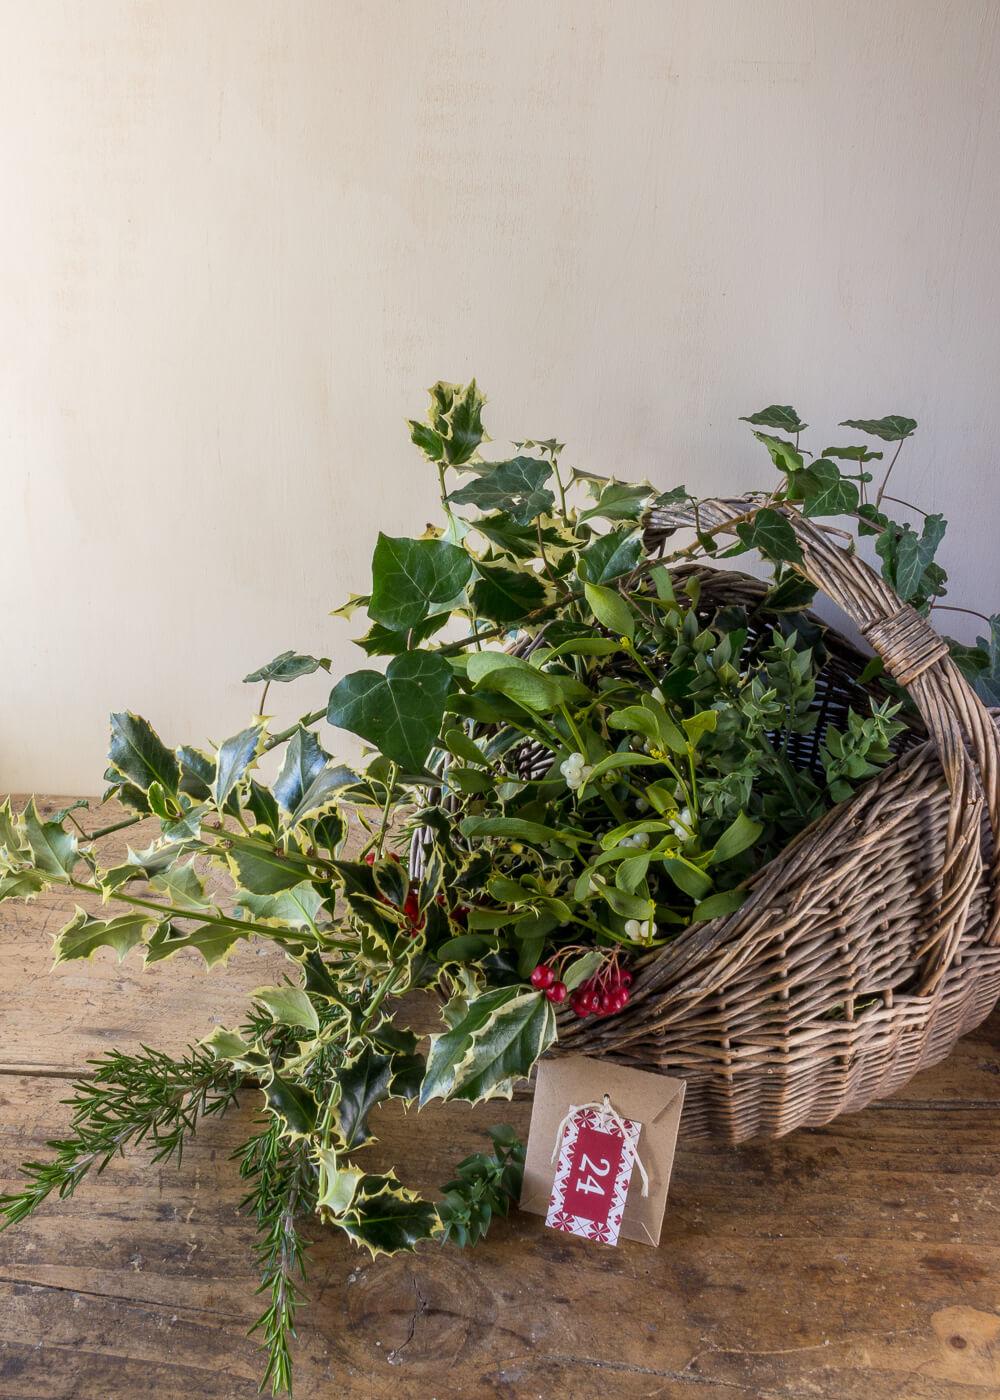 Calendario dell'Avvento - Raccogliere sempreverdi come Jane Austen - Un Natale di tradizioni - Lily&SageDesign